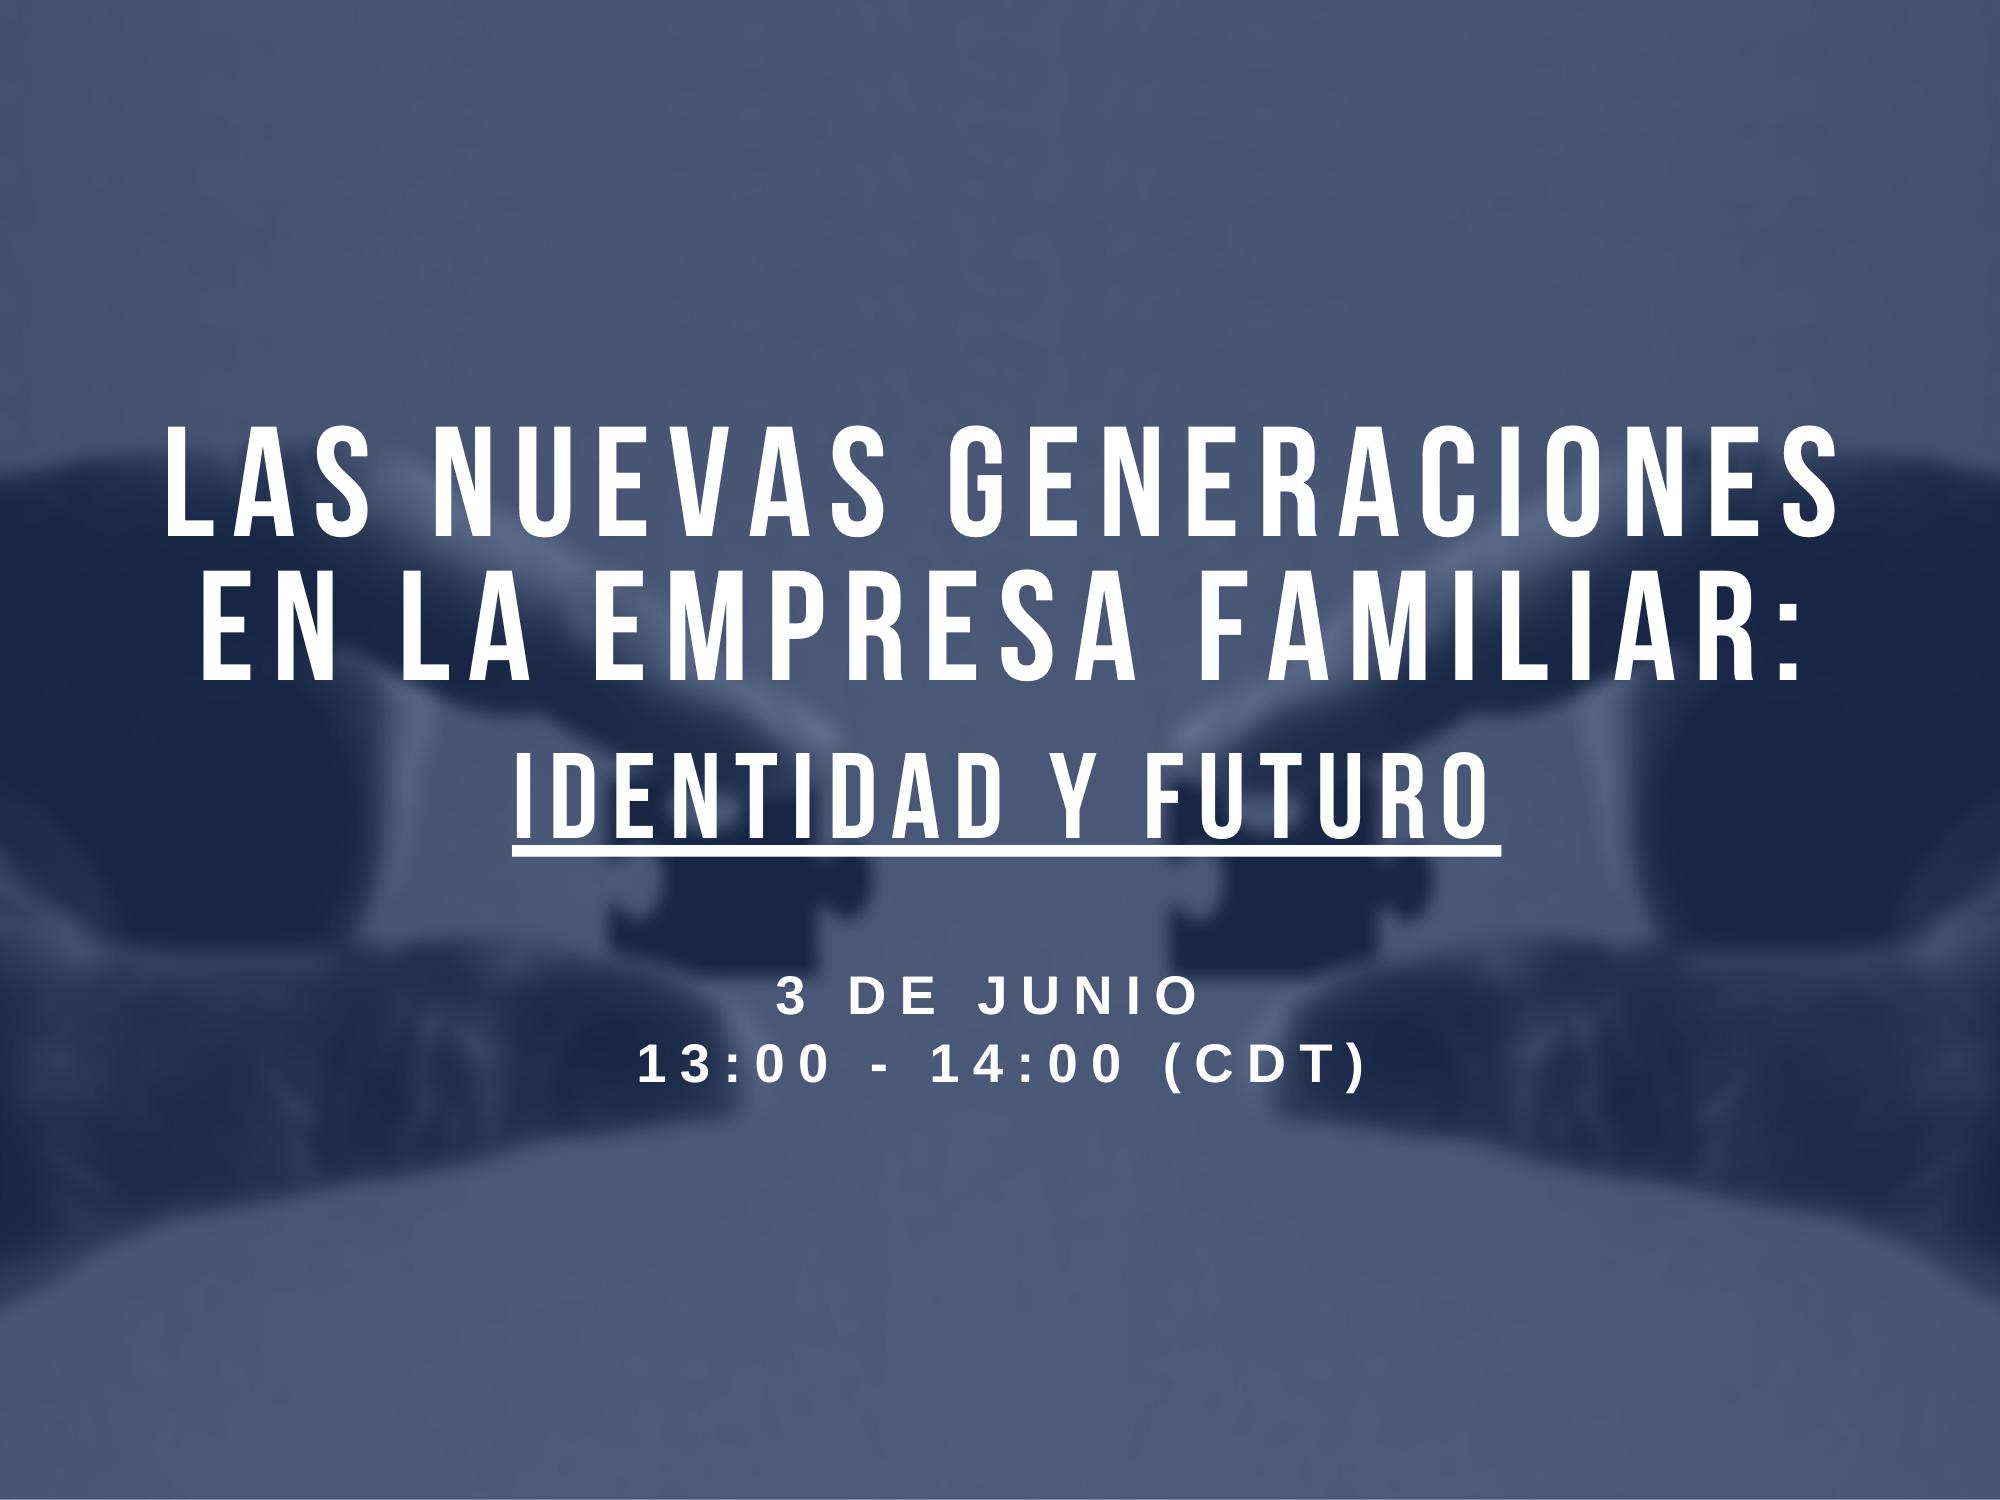 LAS NUEVAS GENERACIONES EN LA EMPRESA FAMILIAR: IDENTIDAD Y FUTURO